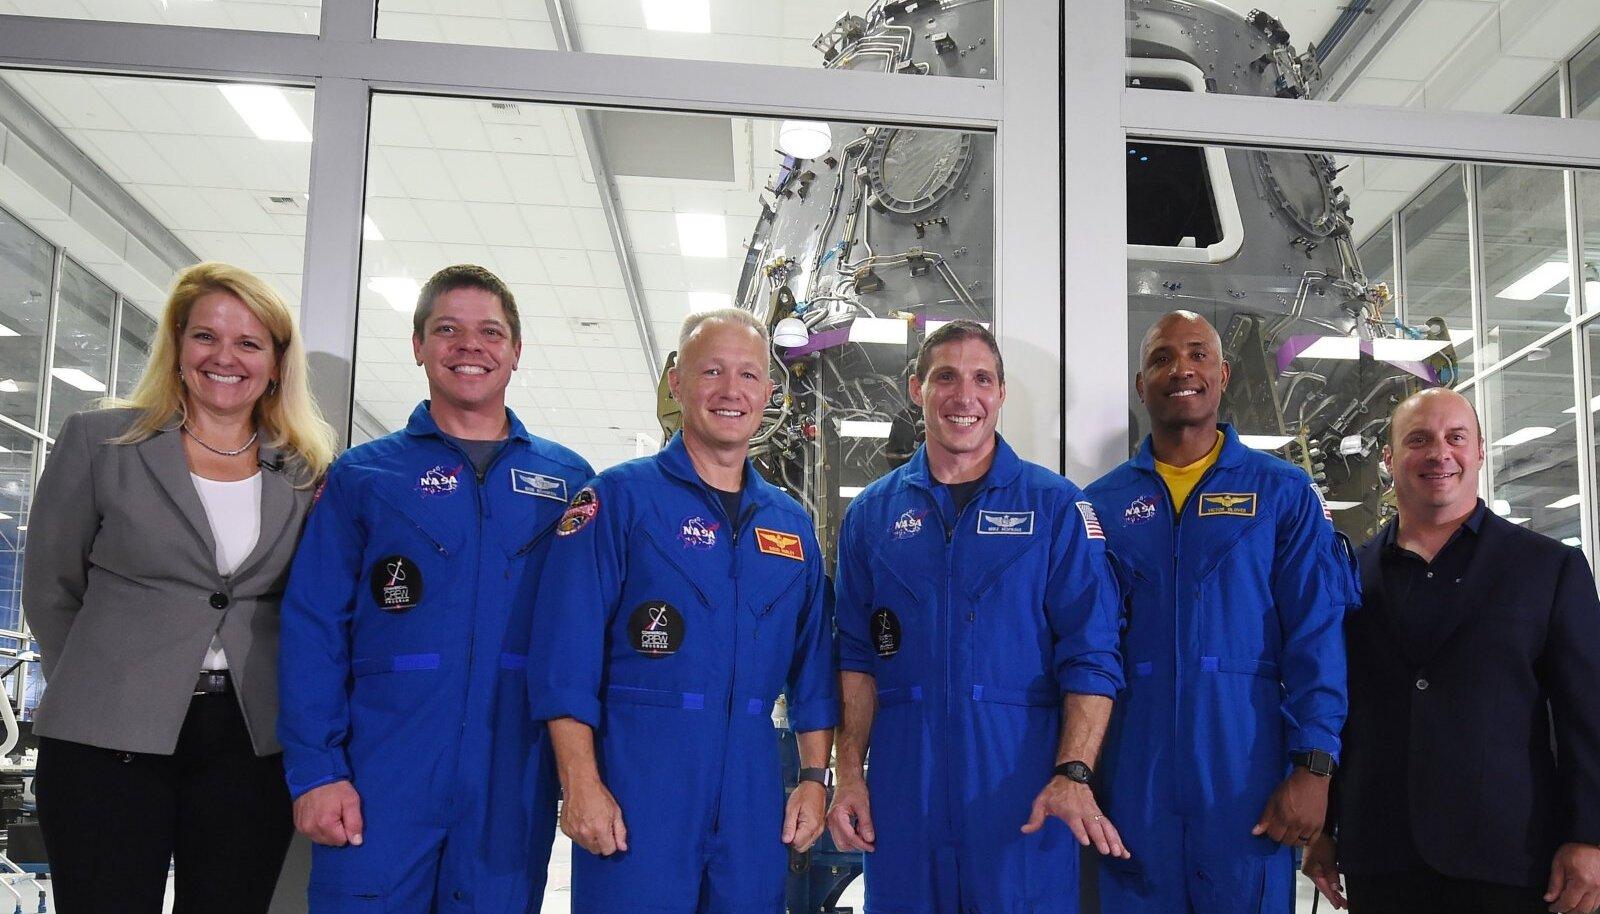 Space-X'i presidendi ja ärijuhi Gwynne Shotwelli (vasakult esimene) kaasabil saatis ettevõte esimese eraettevõttena Ameerika kosmonaudid maikuus kosmosesse.